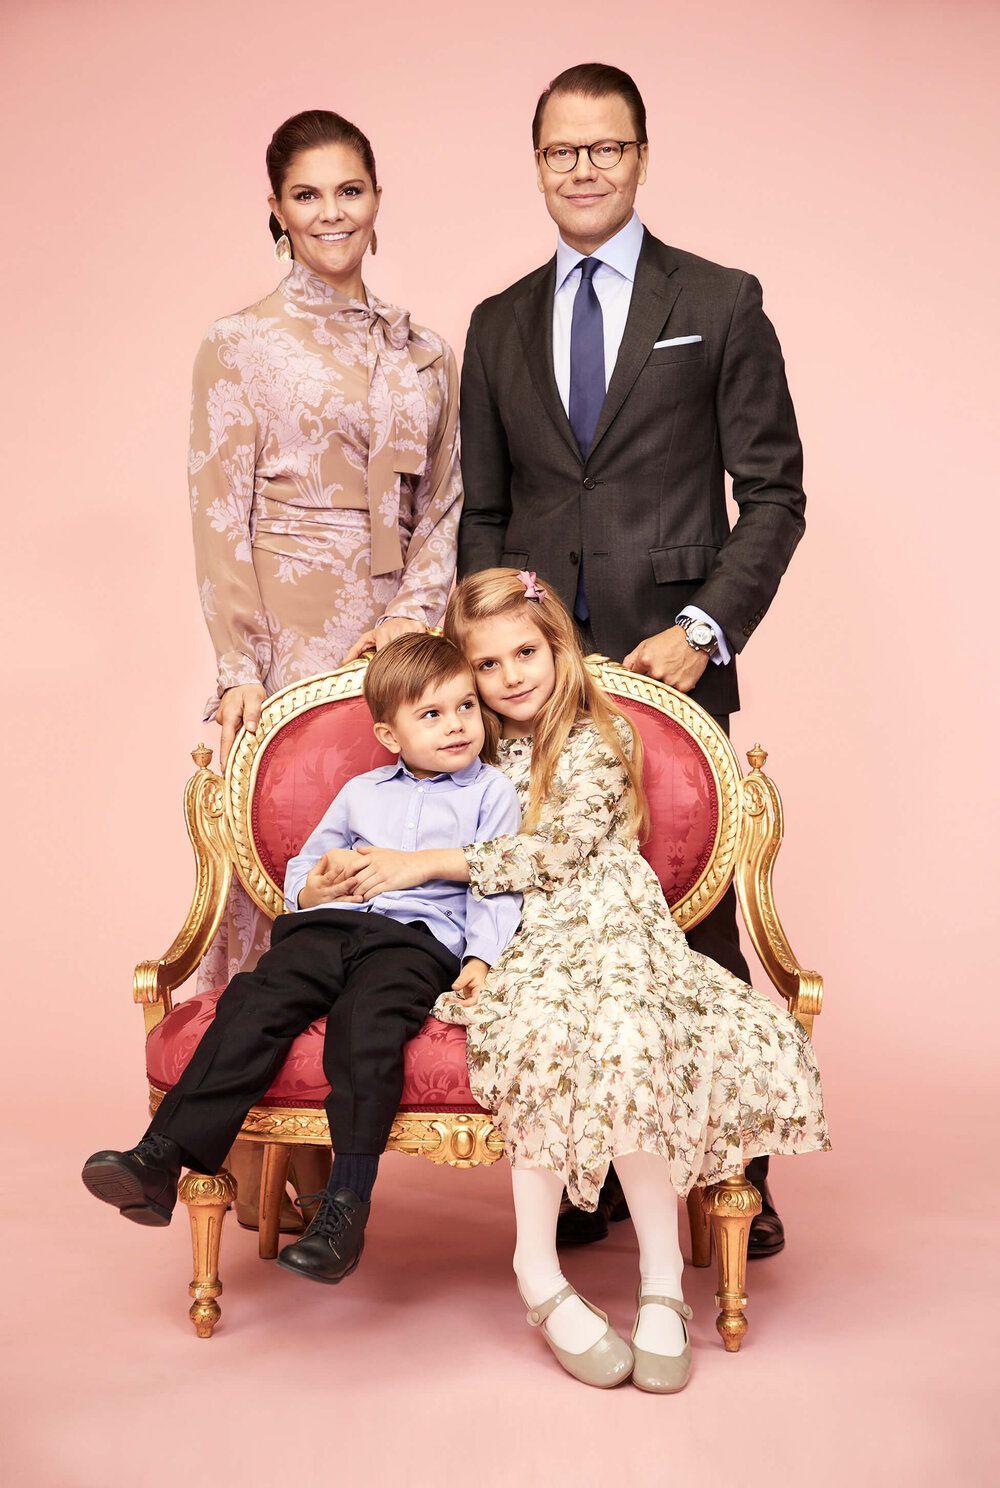 Hochzeit Wedding Prinzessin Princess Victoria /& Daniel 10.Hochzeitstag Royal NEU